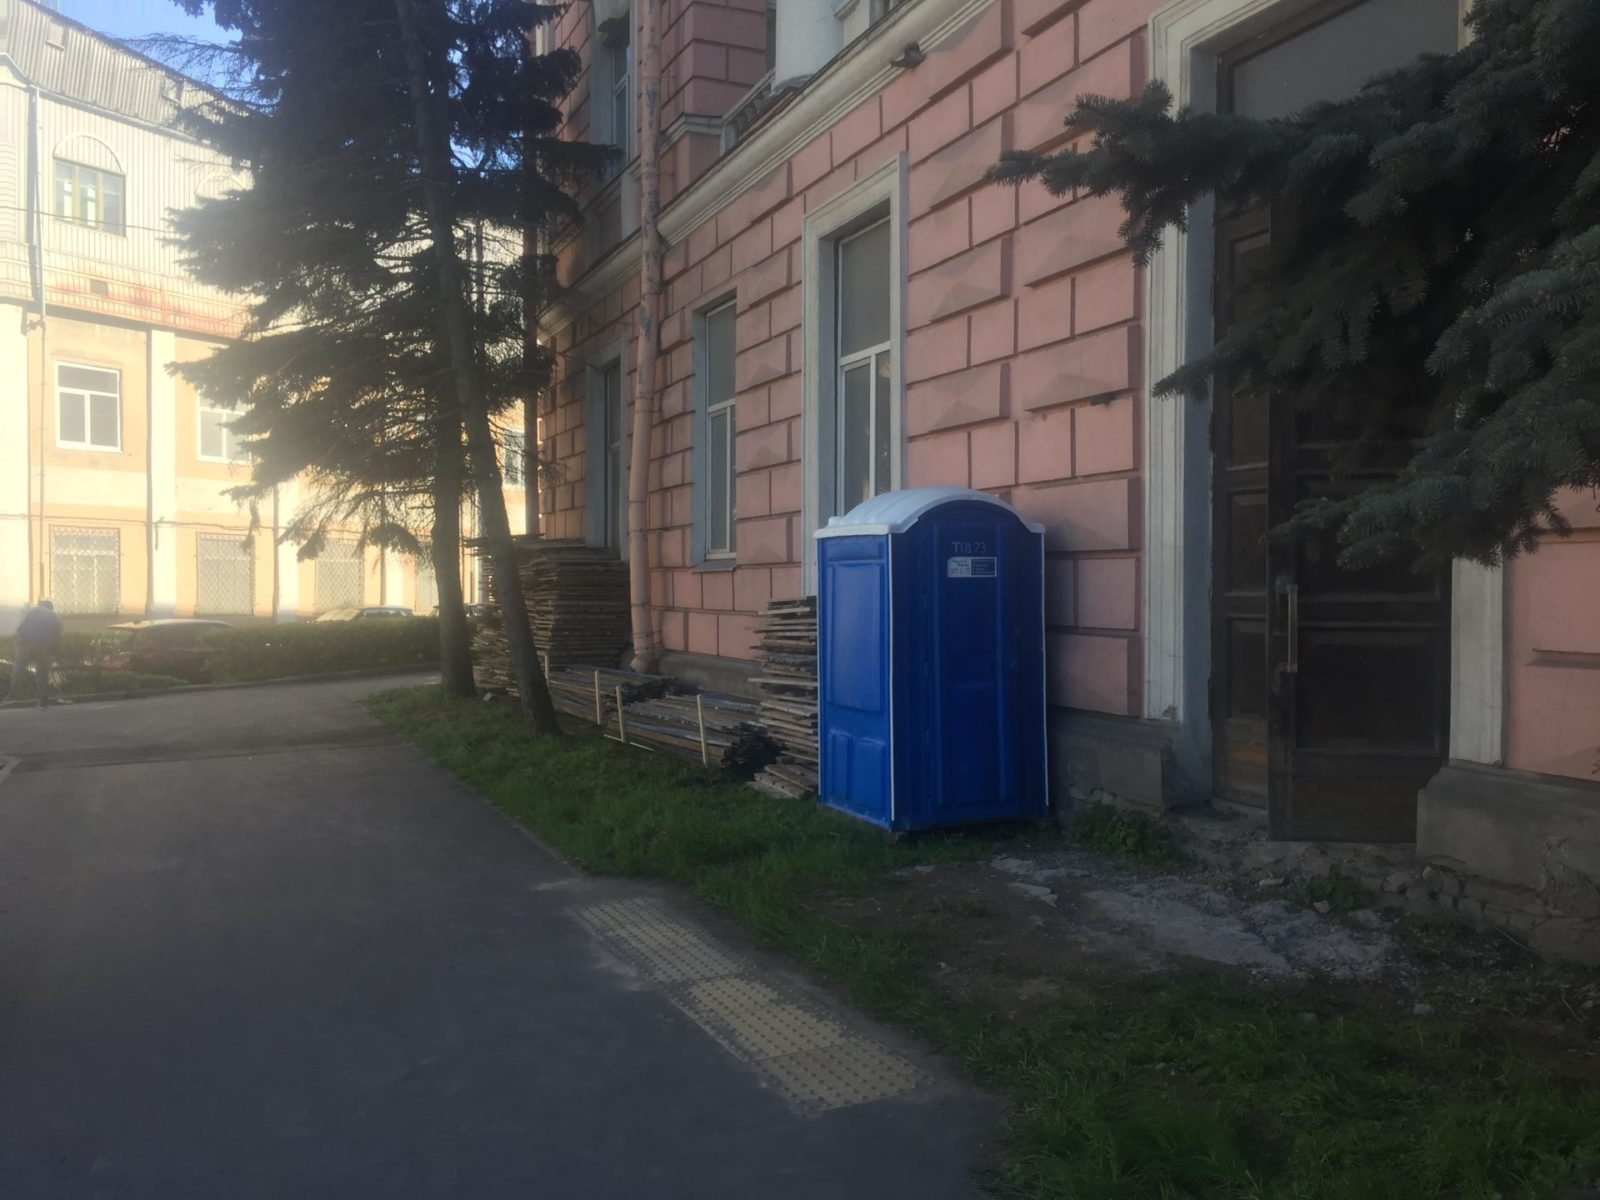 Цена капитального ремонта фасада здания на ул. Набережная Обводного канала, д.14 в Санкт-Петербурге